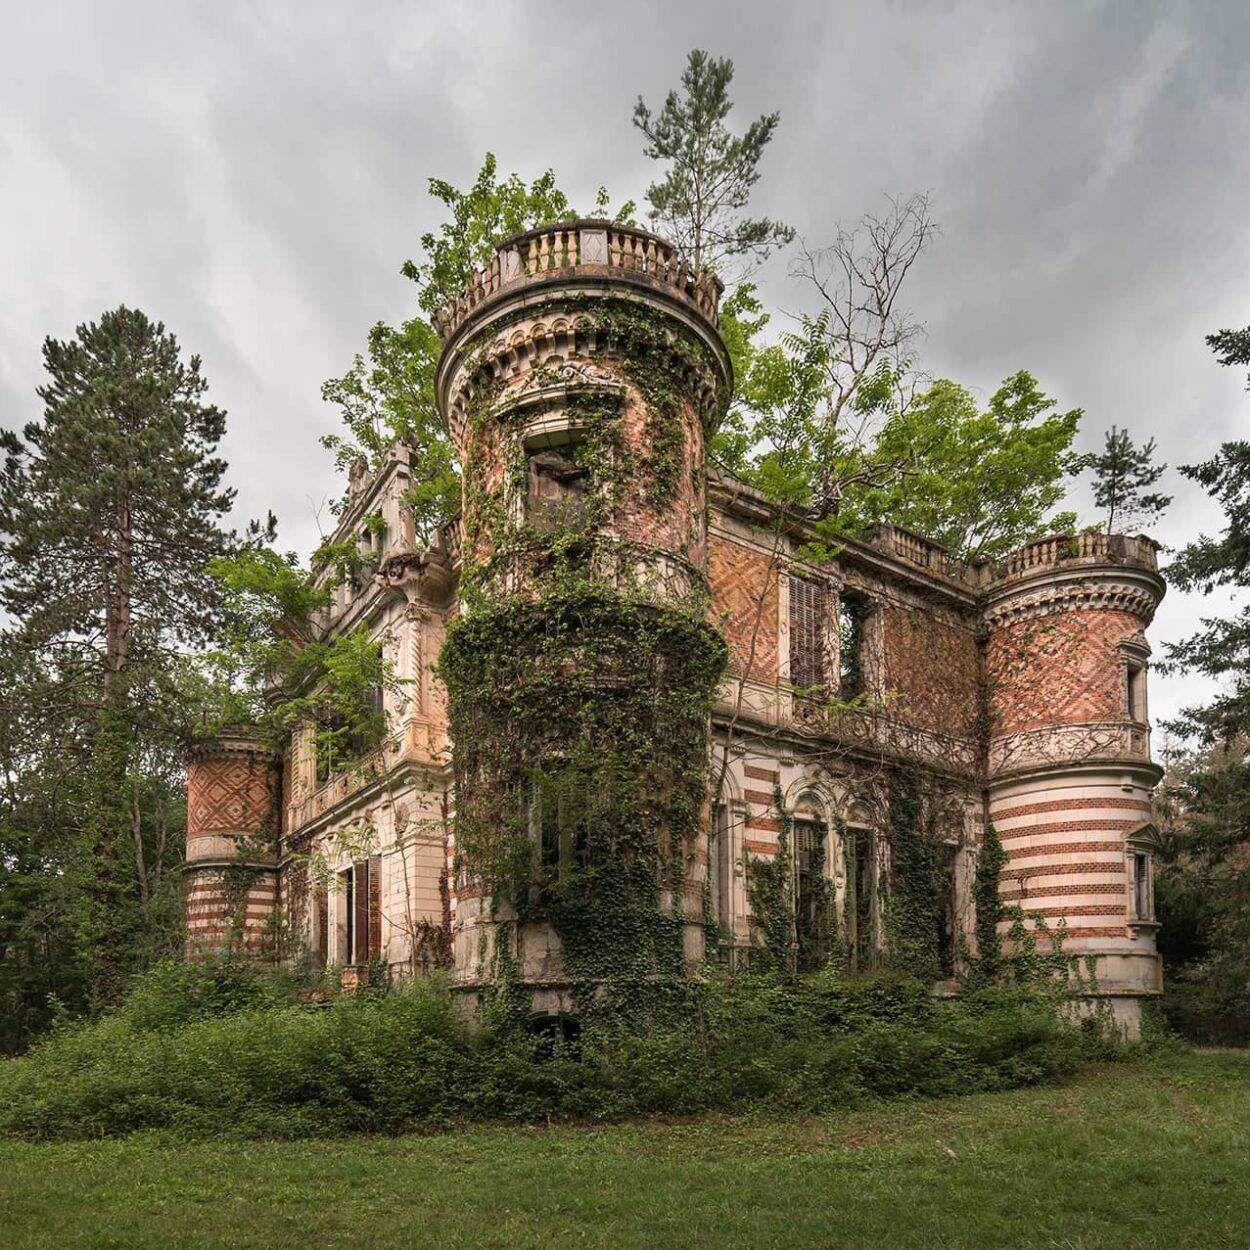 urbex-exploration-france-chateau-echelle-nature